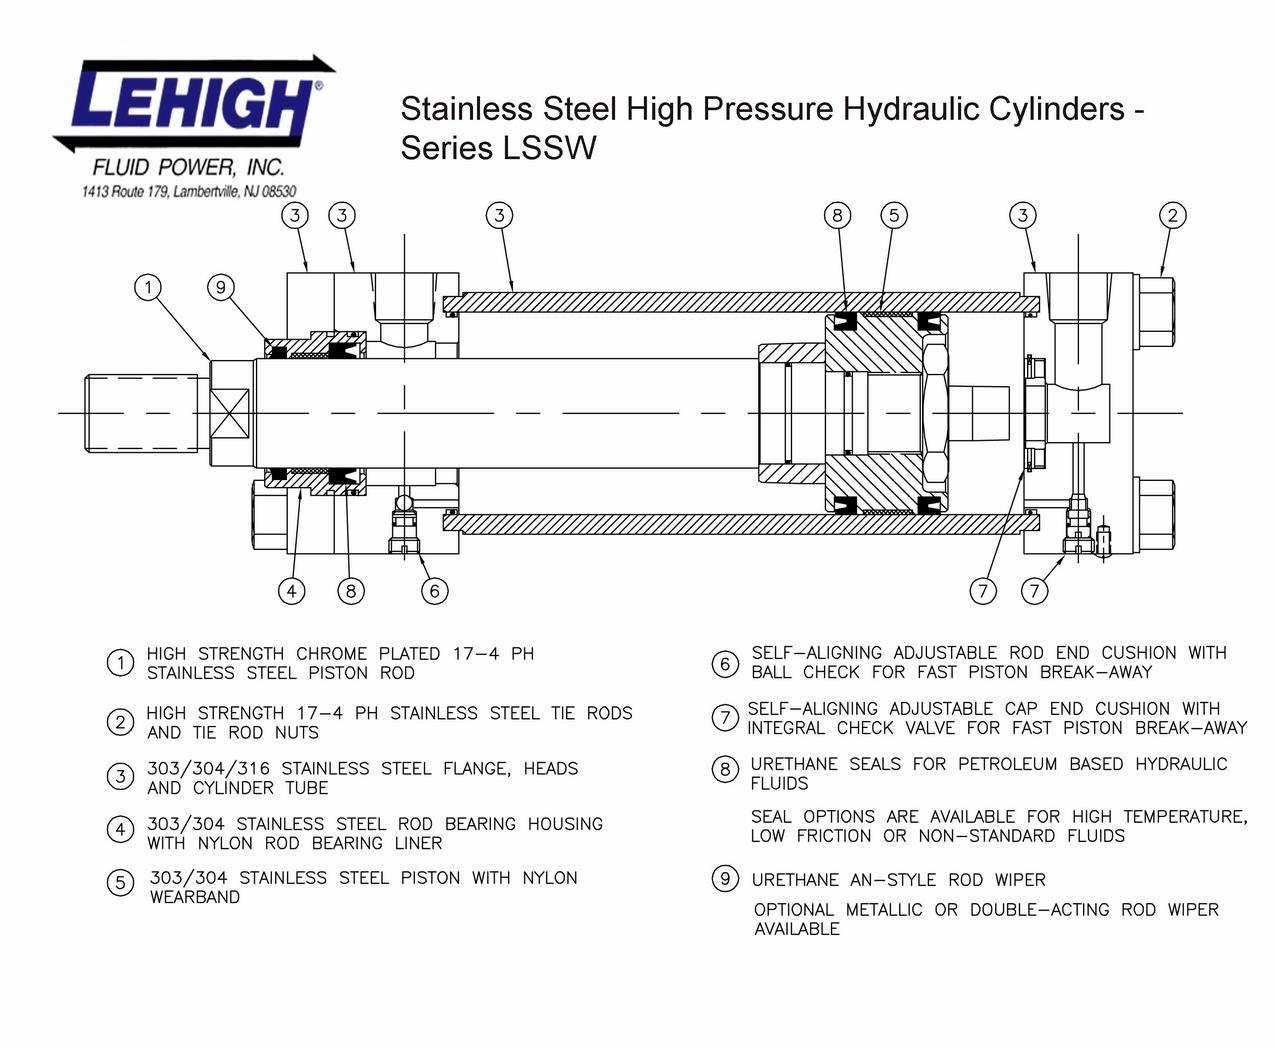 Room Diagram Hydraulic Cylinders Lehigh Fluid Power